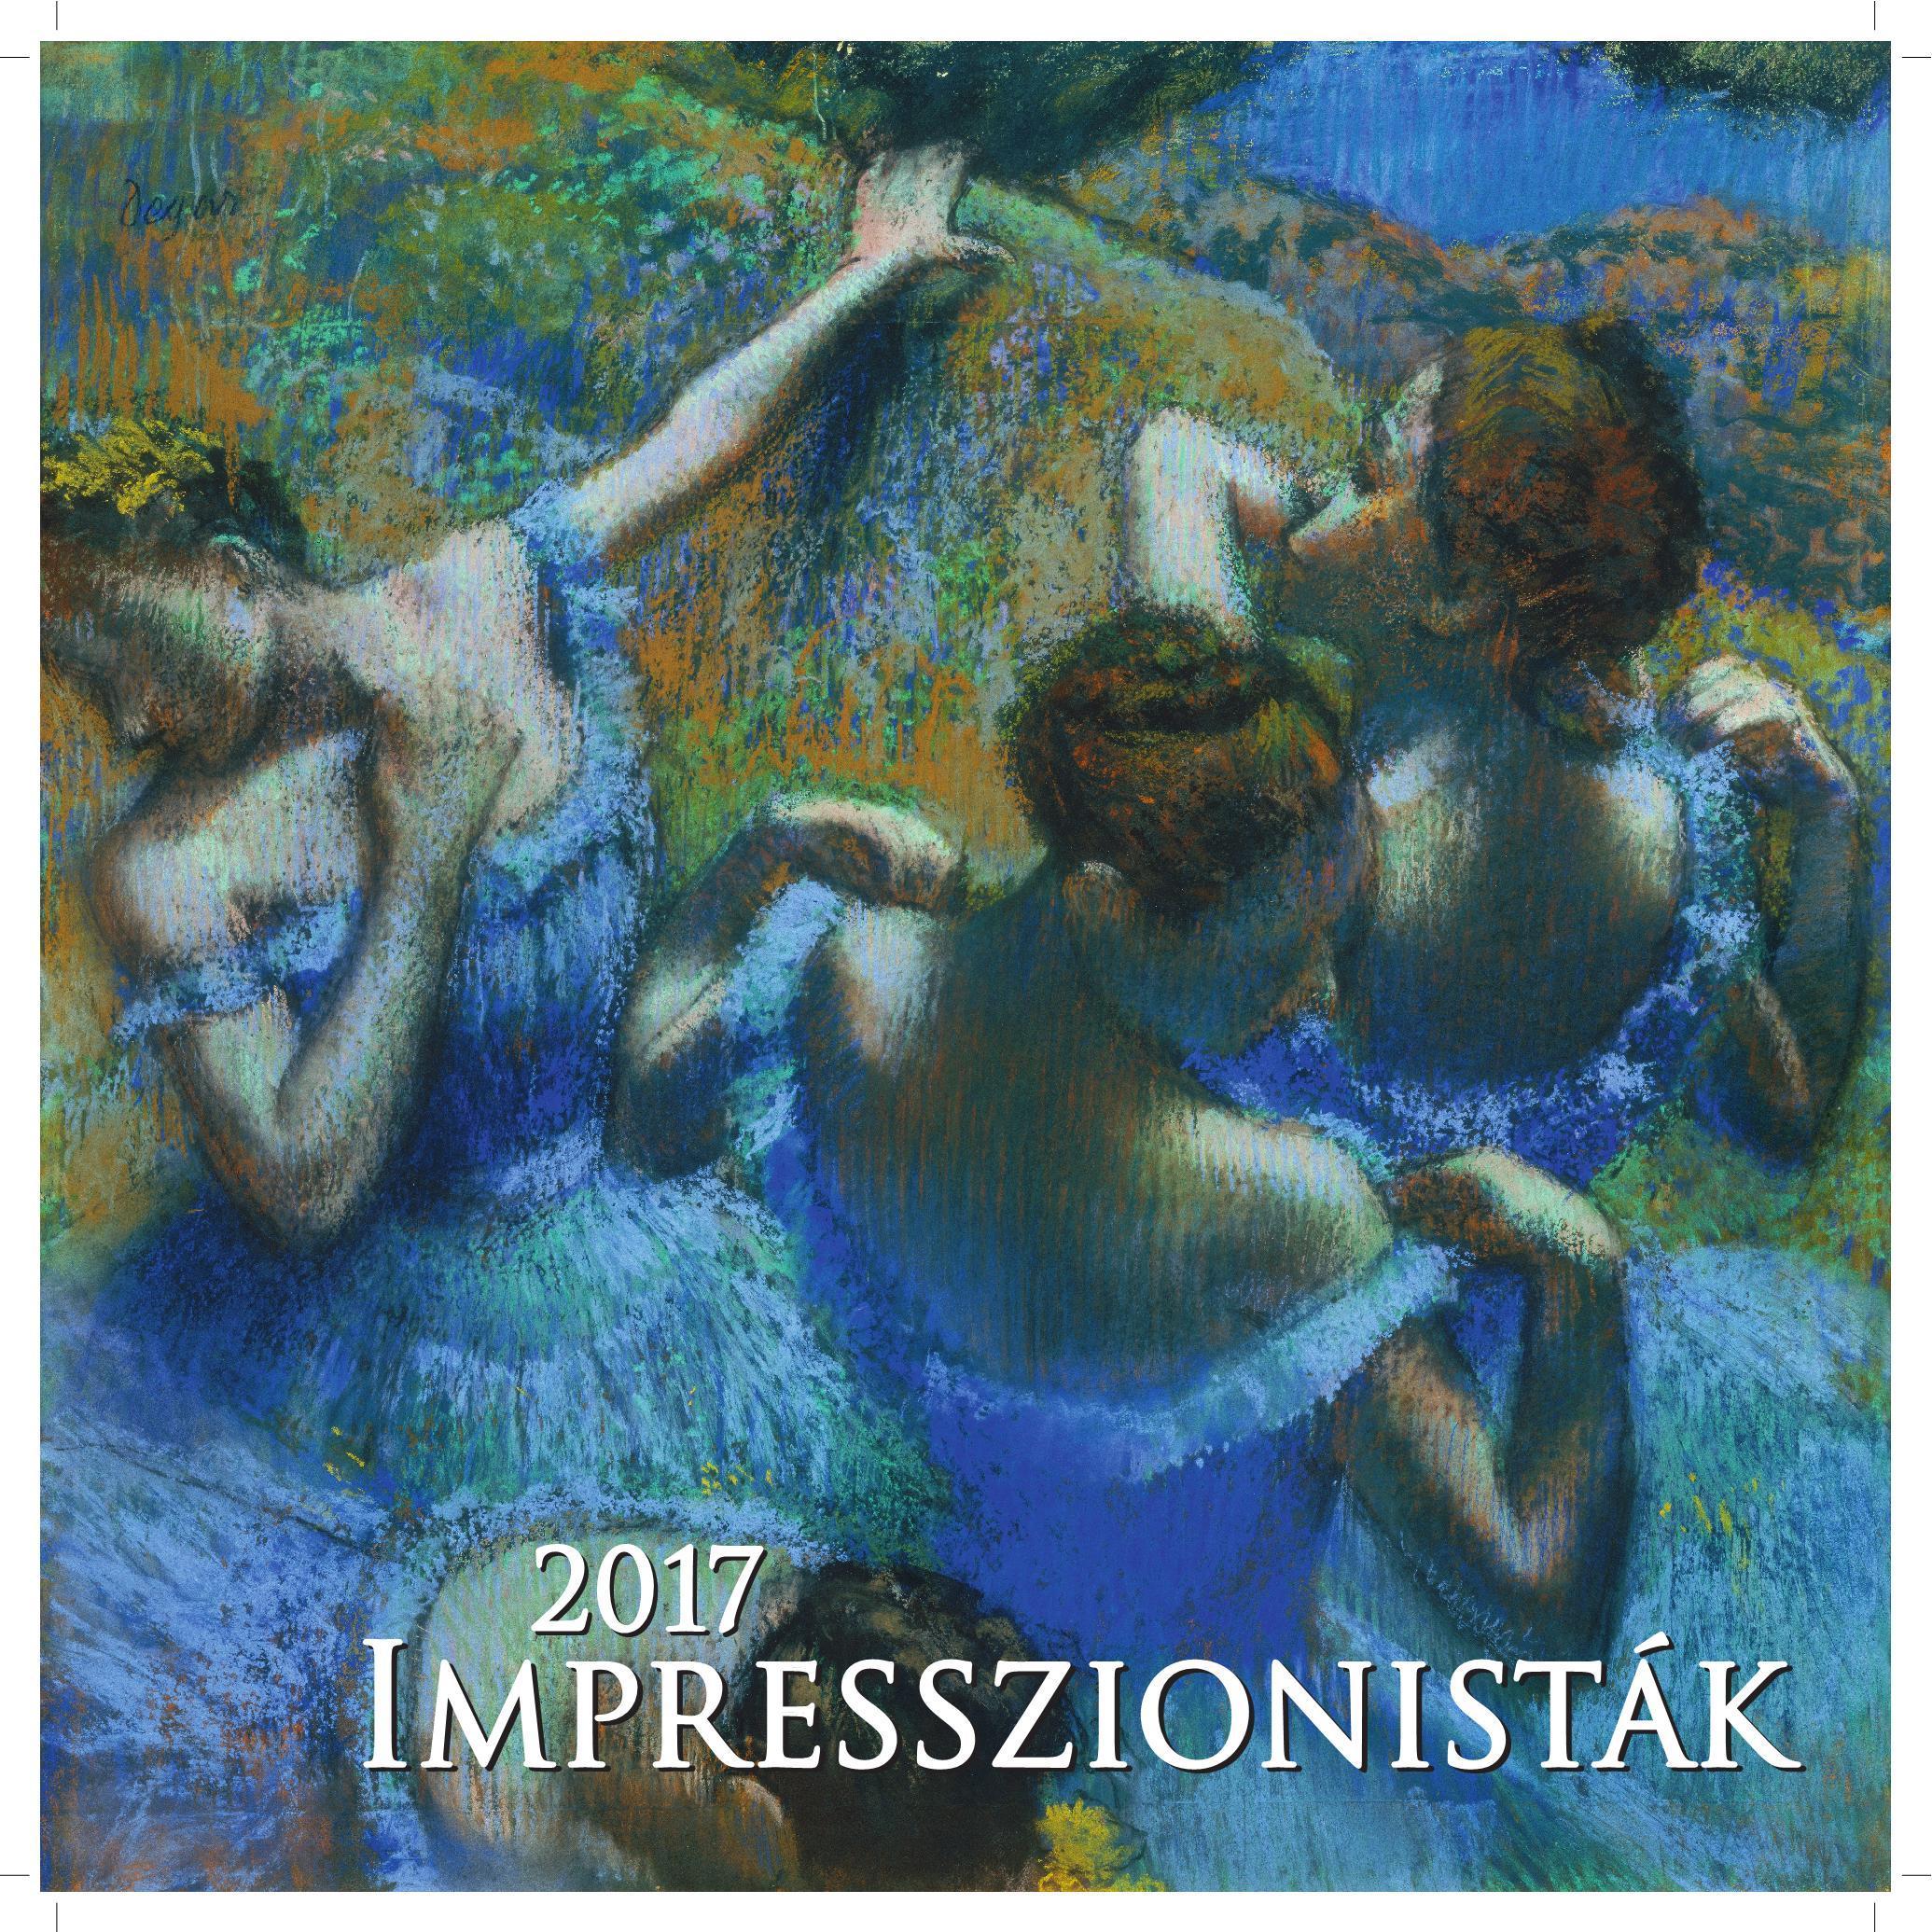 - - IMPRESSZIONISTÁK - NAPTÁR 2017 (33*33 CM SPIRÁLOS)